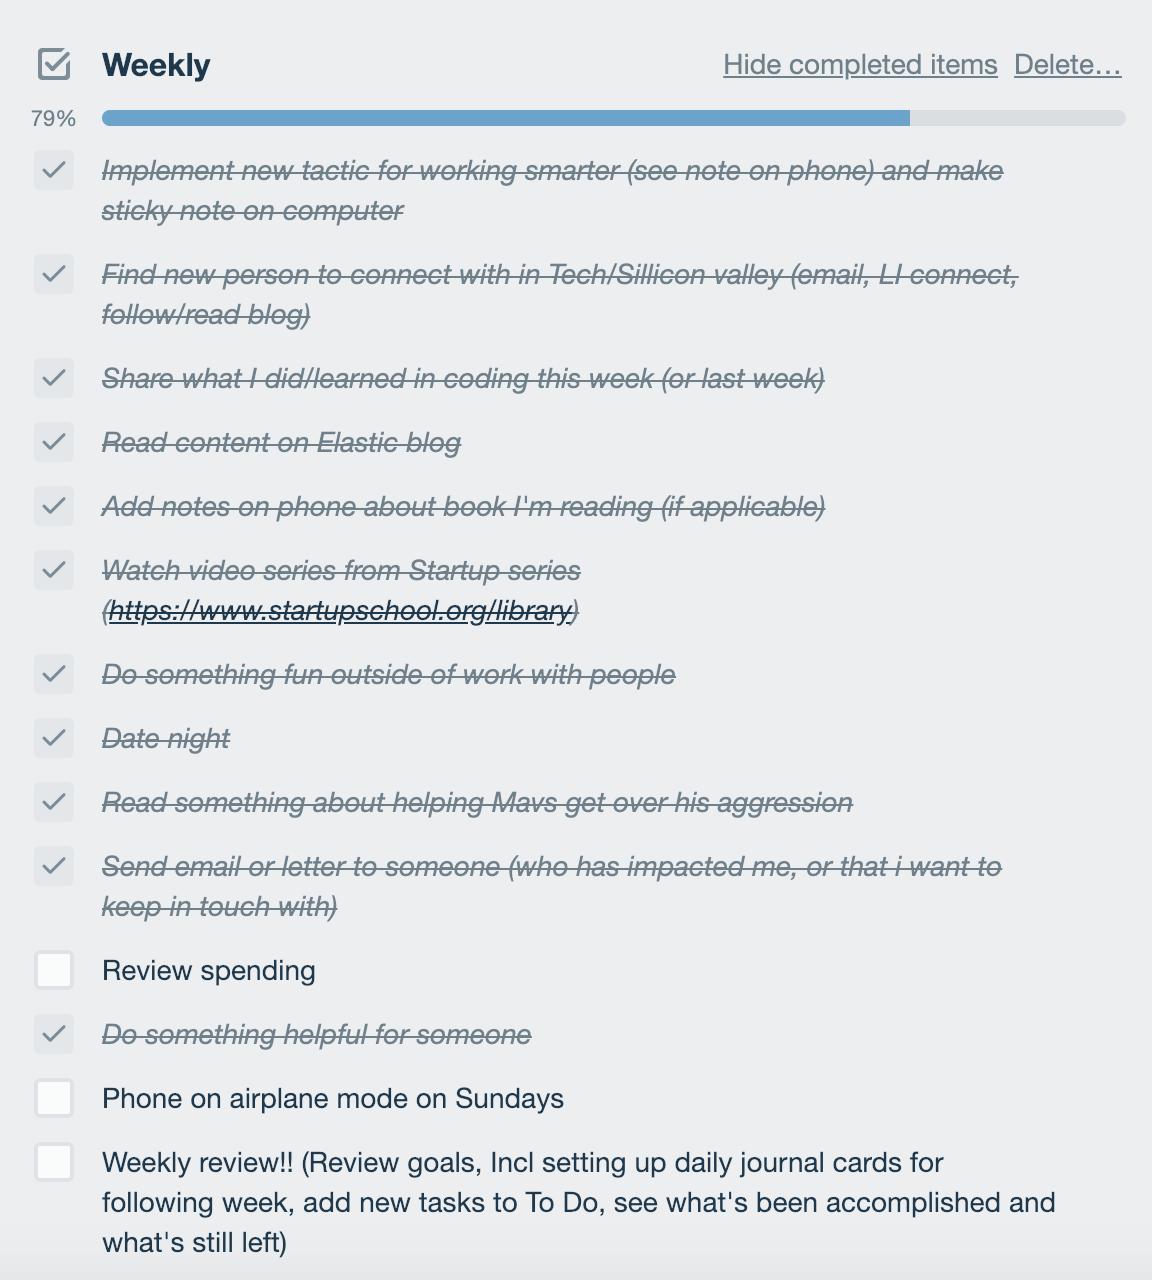 weekly goals checklist